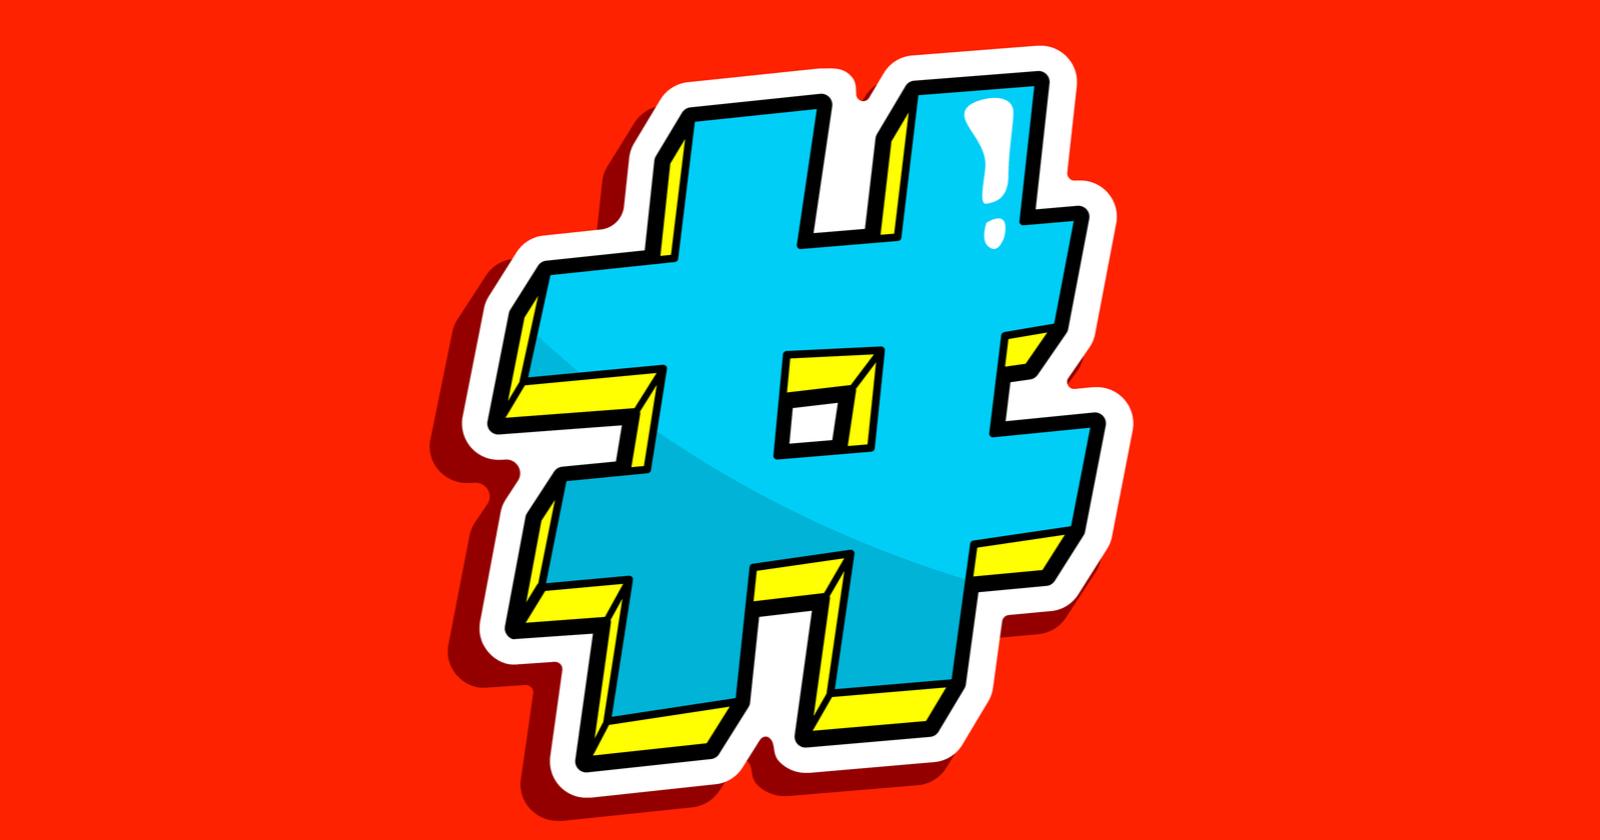 Votre guide simple pour Twitter #Hashtags